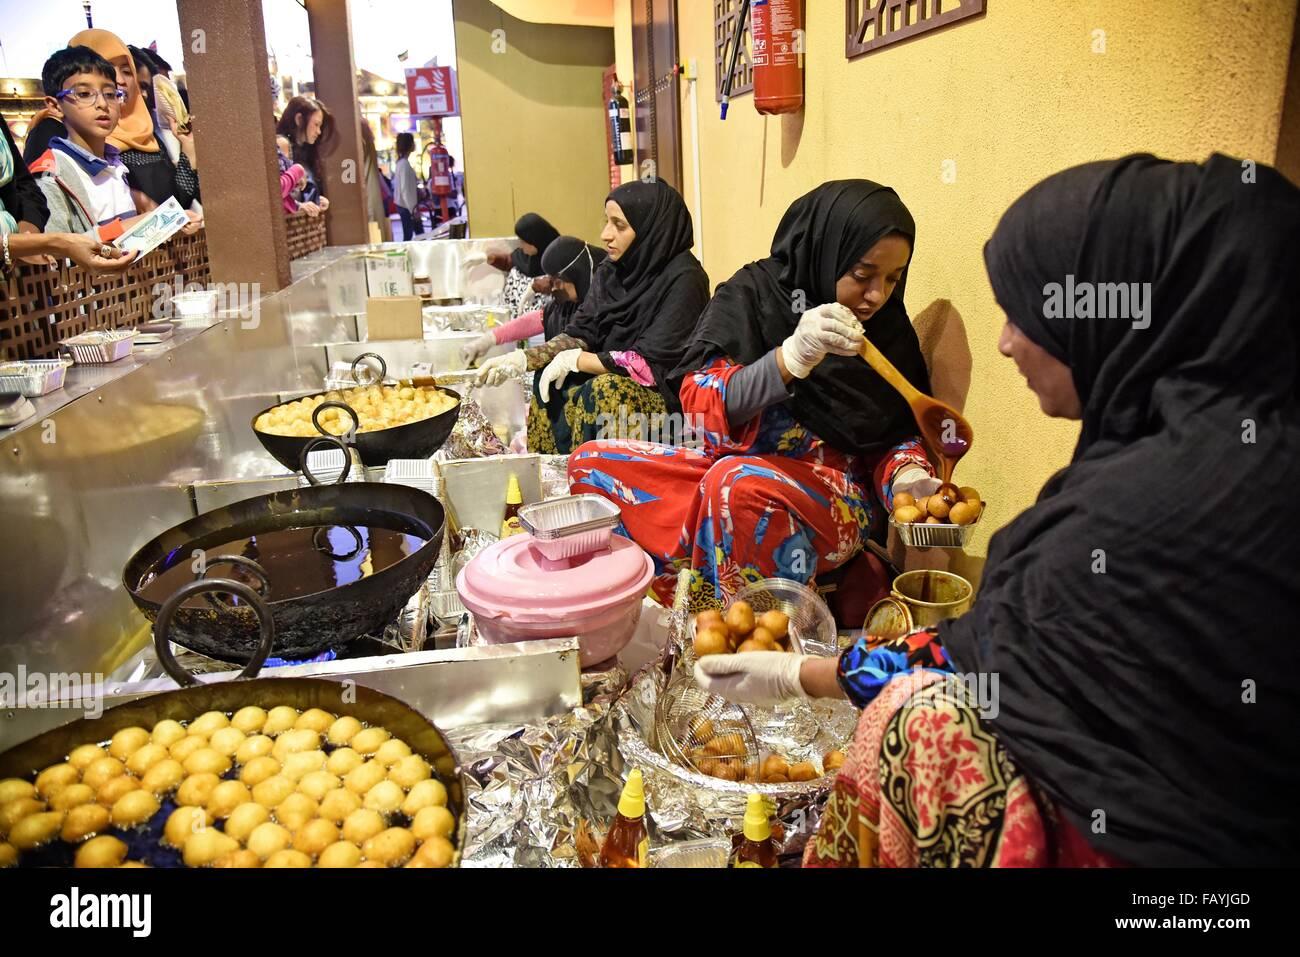 Global Village Dubailand, DUBAÏ, ÉMIRATS ARABES UNIS a déclaré qu'il était le plus Photo Stock